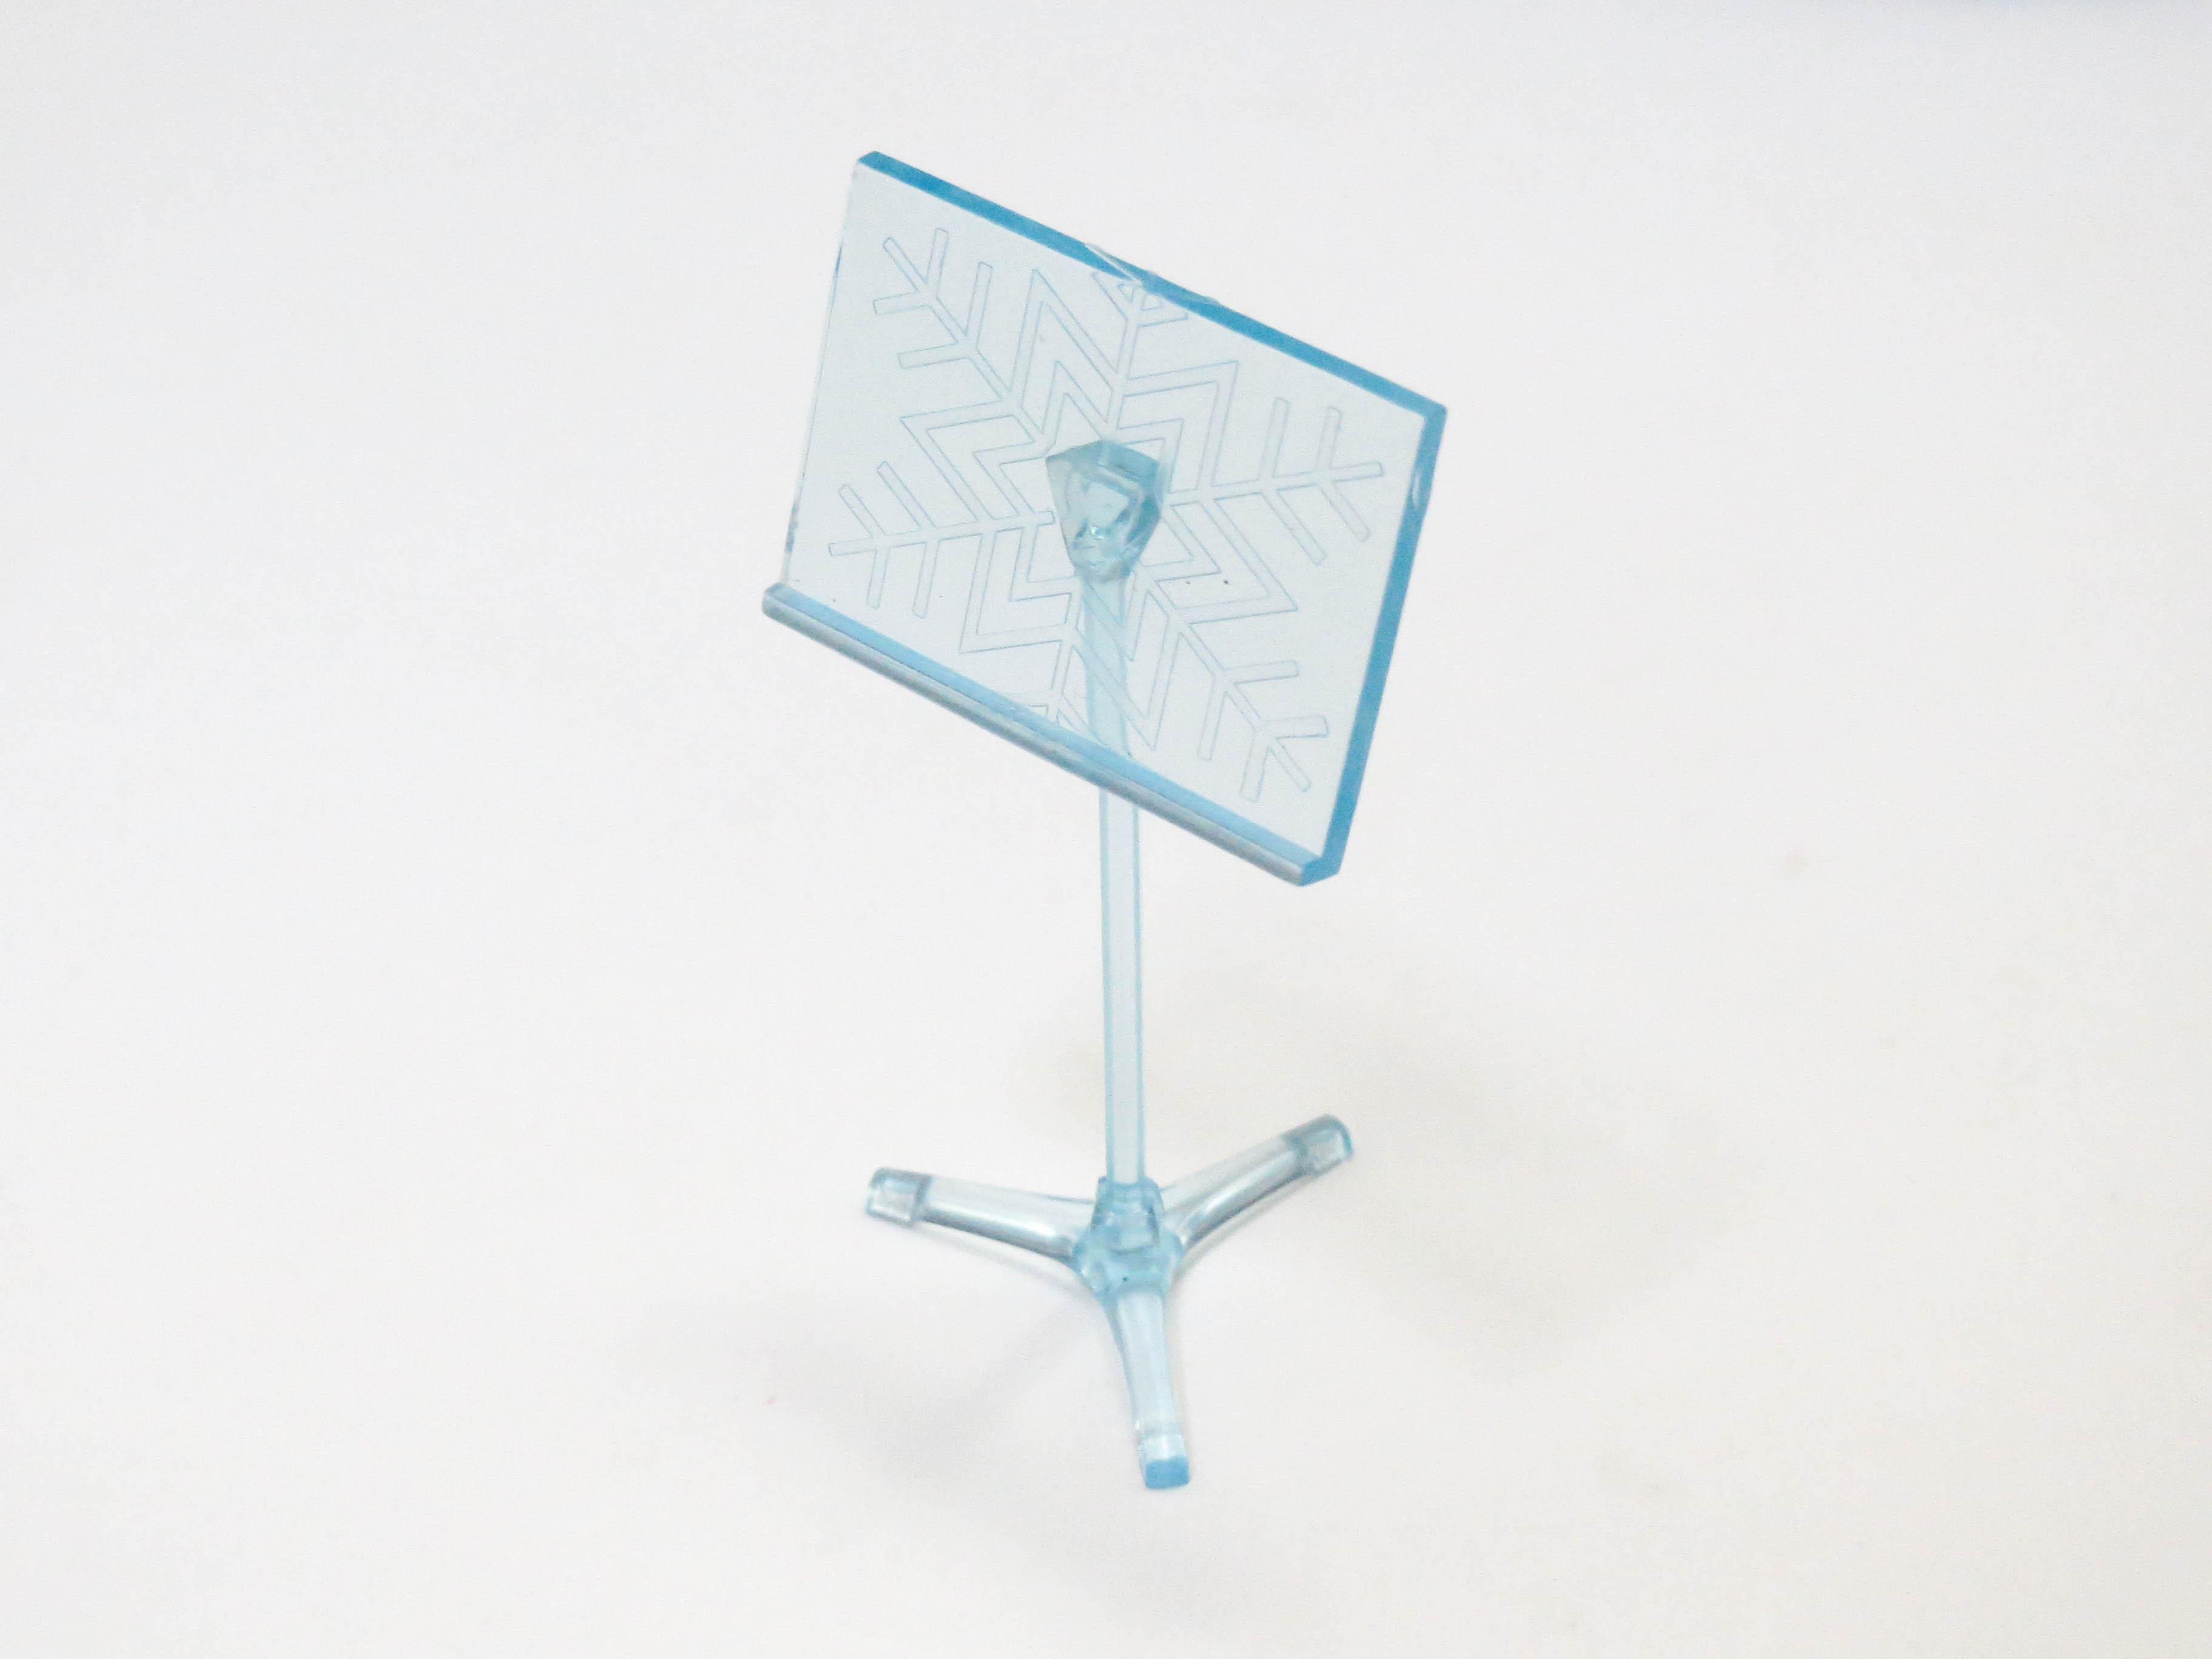 再入荷【701】 雪ミク Twinkle Snow Ver. 小物パーツ 氷の譜面台 ねんどろいど